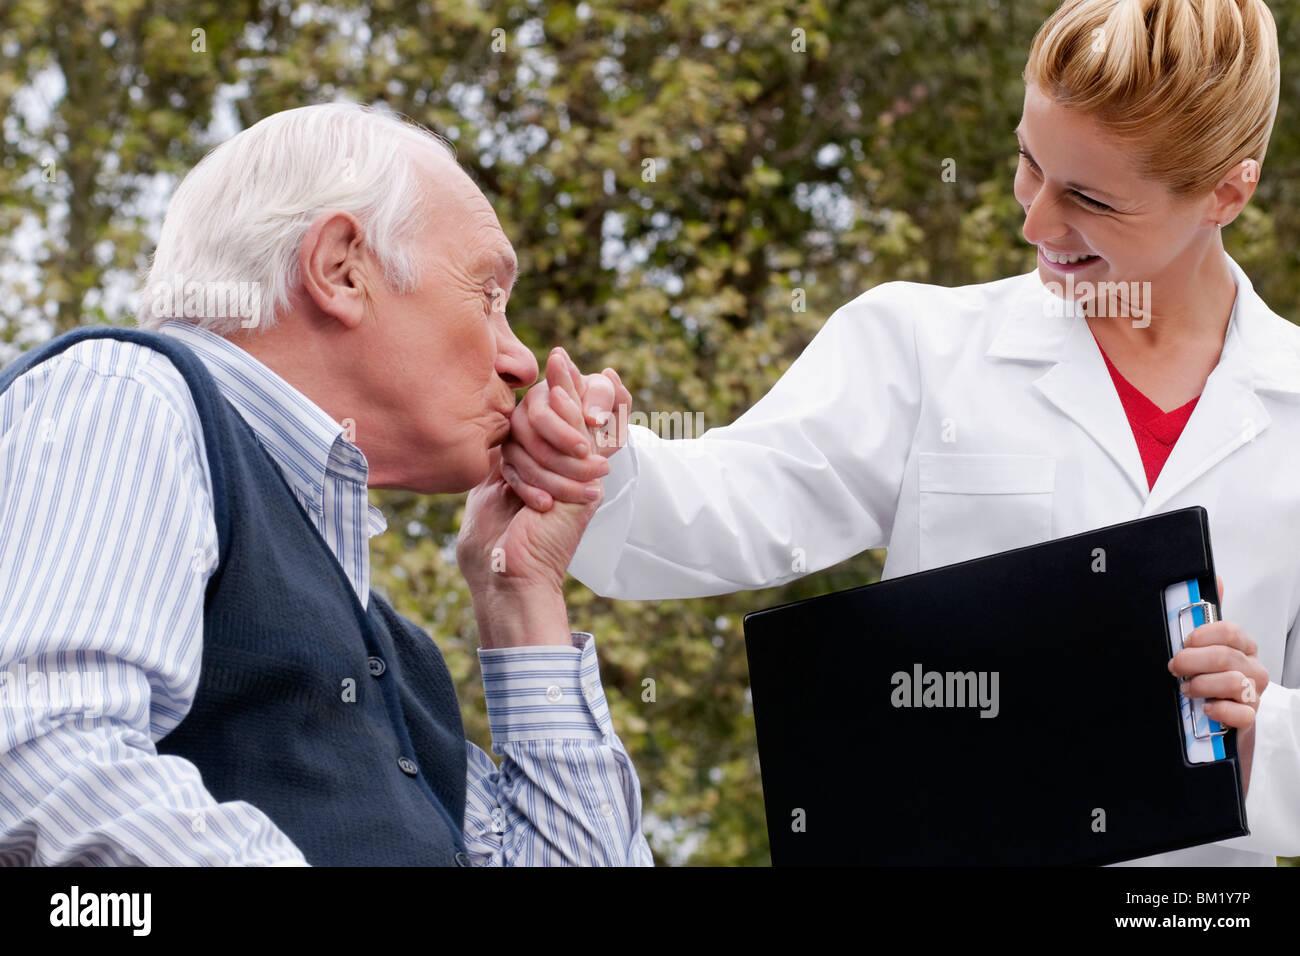 El hombre besa la mano de un médico Imagen De Stock